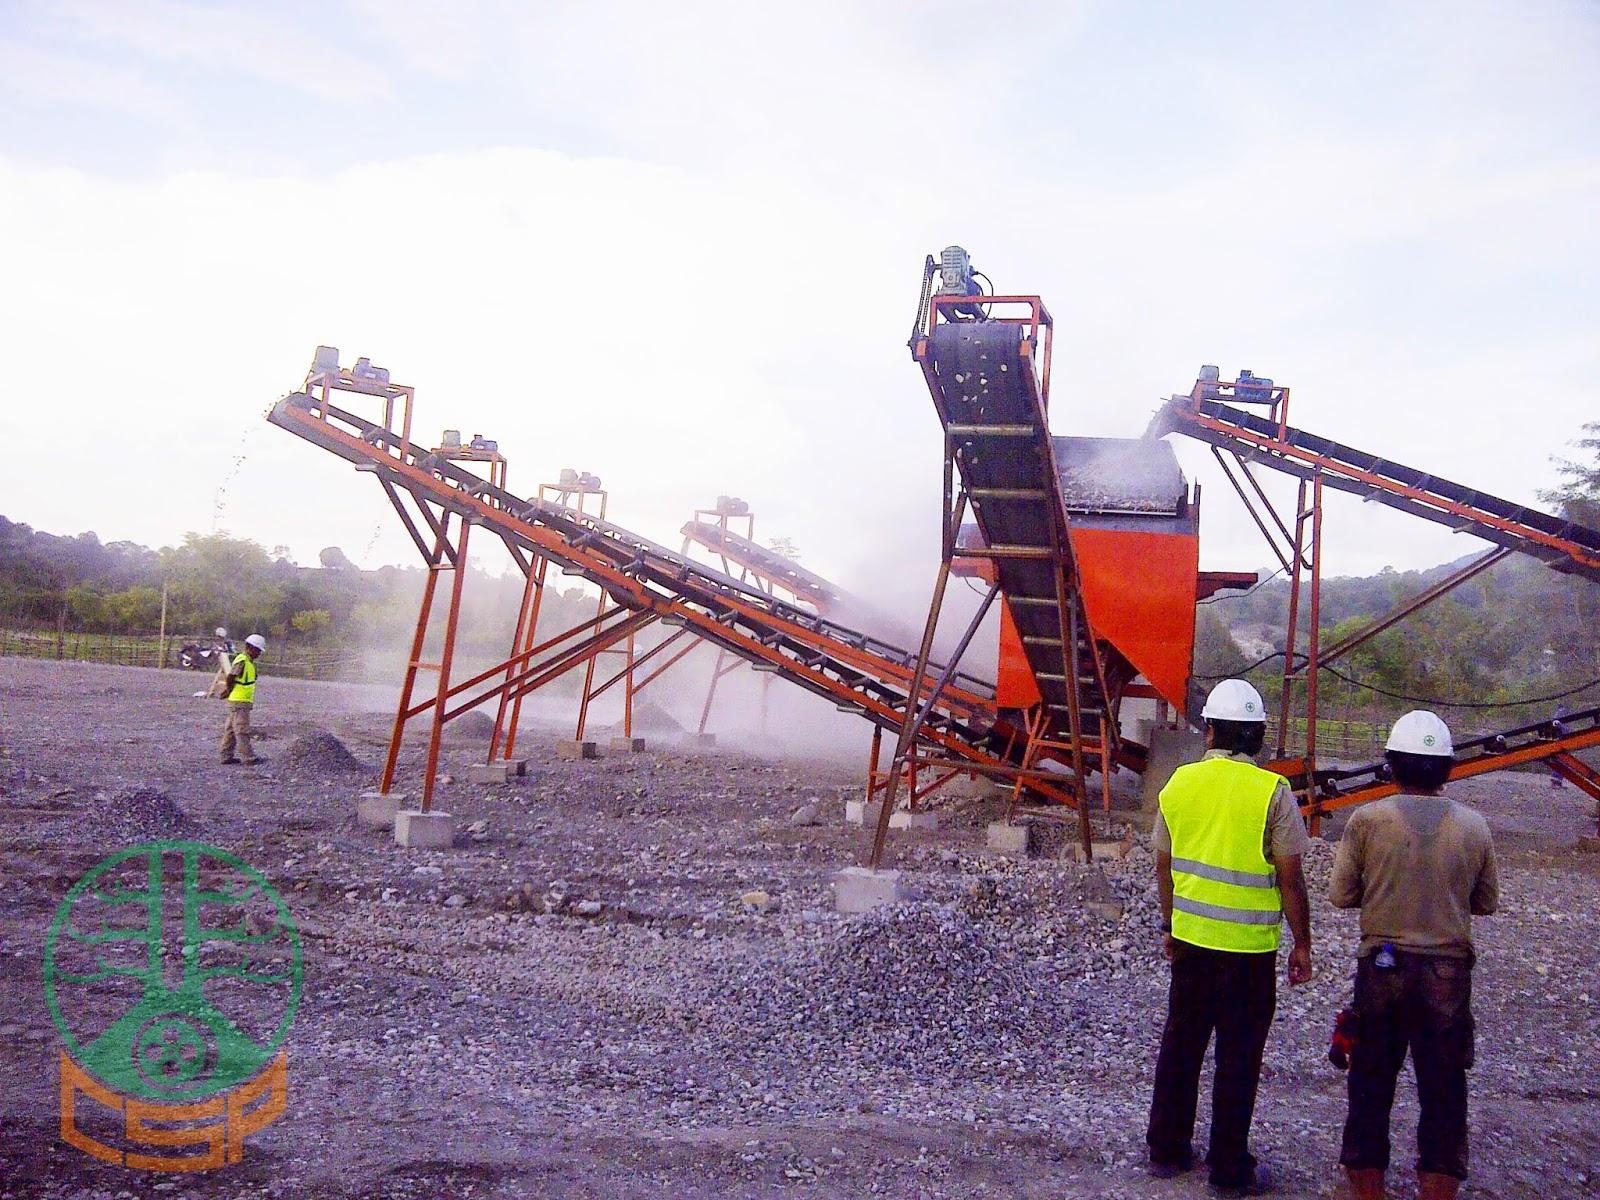 Project CSP Stone Crushing Plant 100-120 Tph PT Hutama Karya Wilayah 7, Oe Cusse - Timor Leste (06)